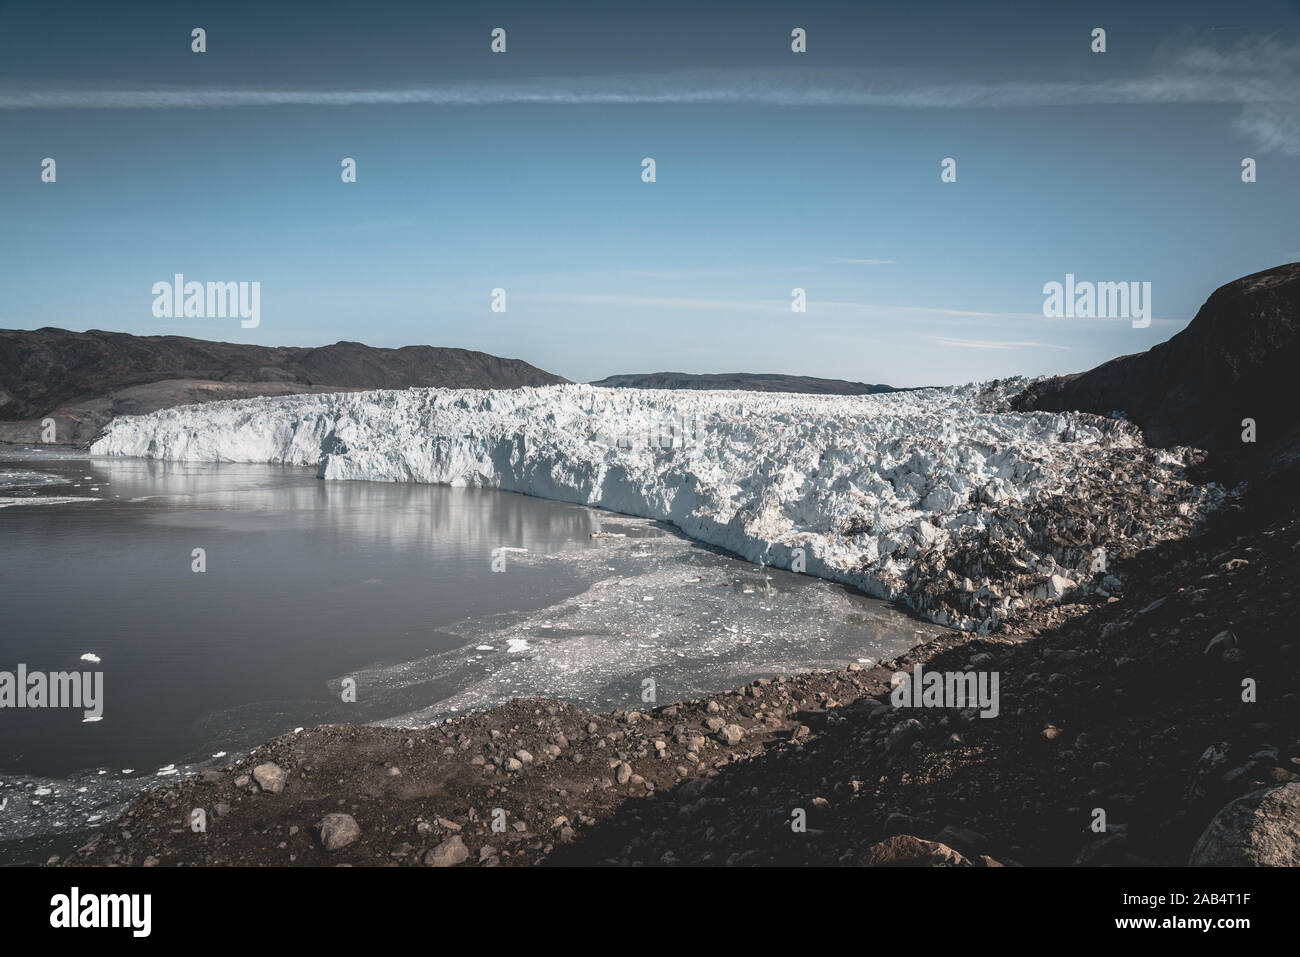 Le Groenland, Eqip Sermia, Eqi Glacier au Groenland La baie de Disko. Le matin, une excursion en bateau sur la mer arctique, de la baie de Baffin, le vêlage des glaciers. Des brise-glace Banque D'Images